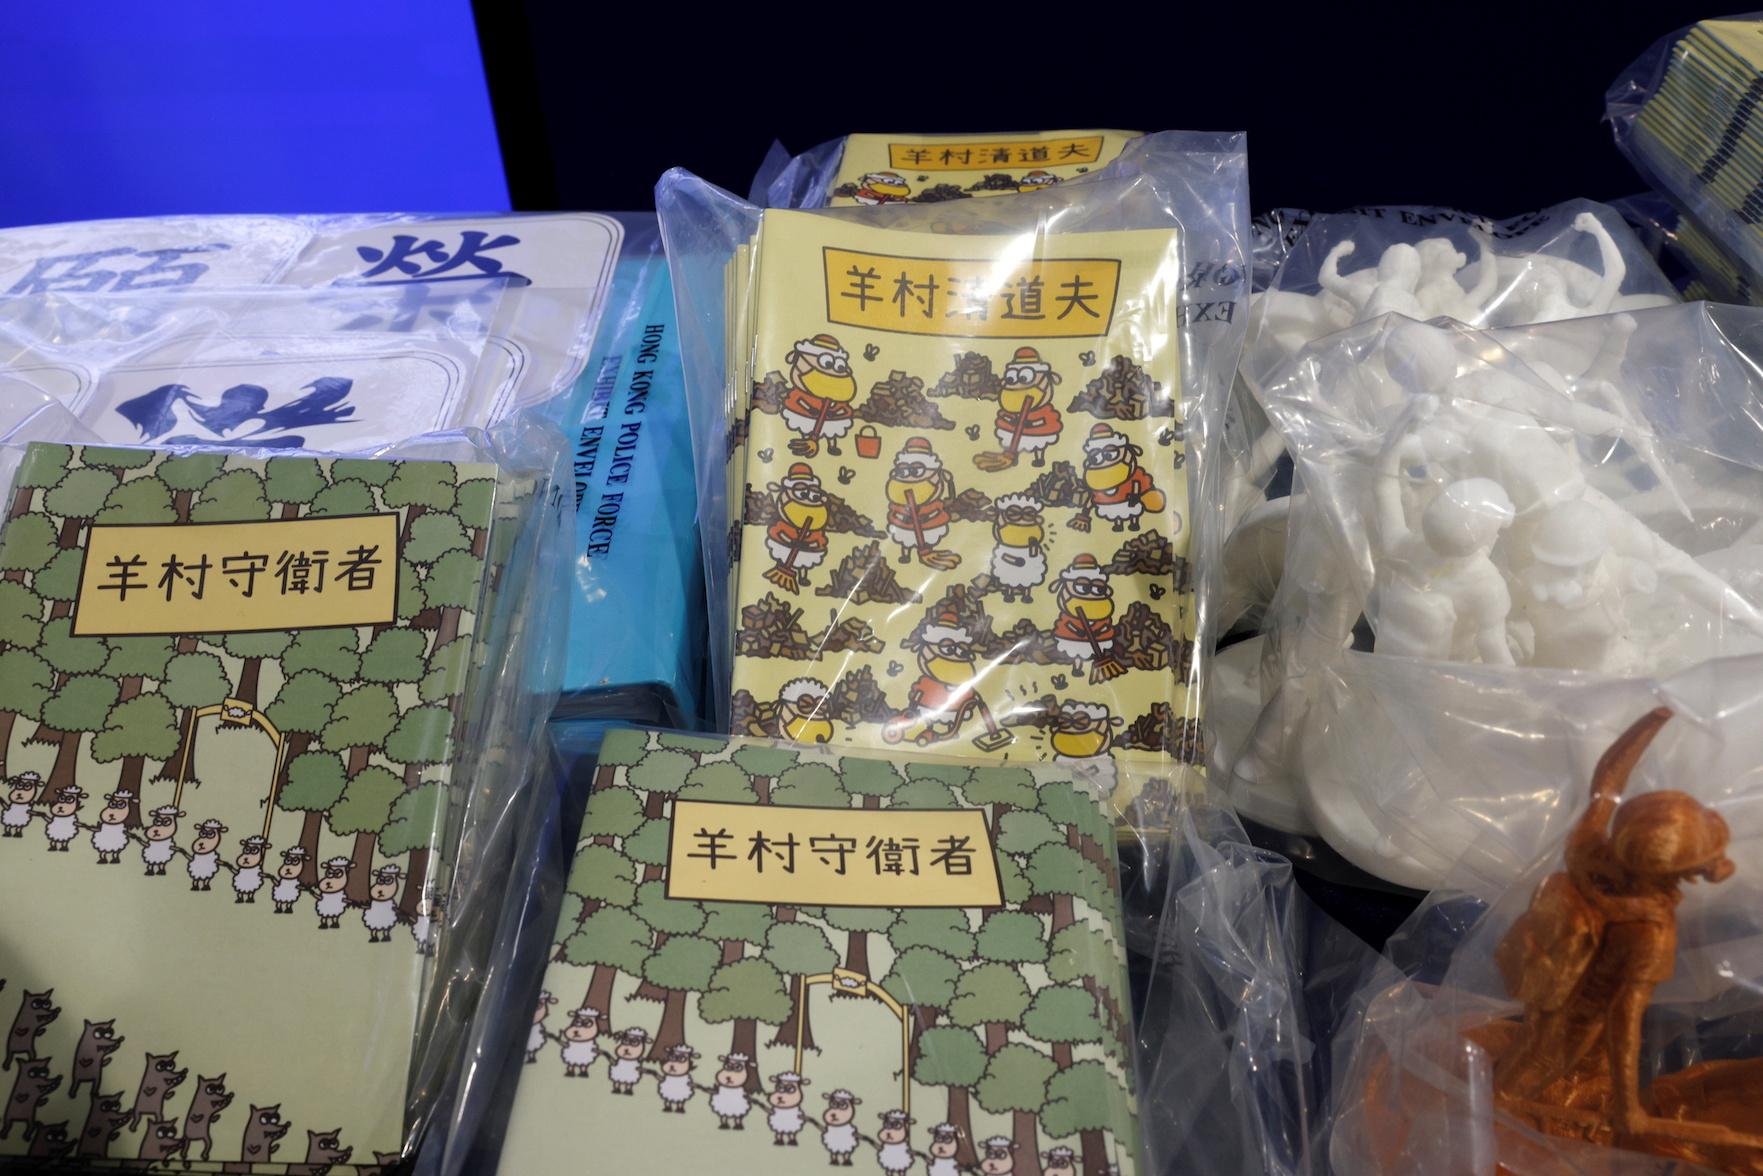 Imagen de algunos de los libros producidos por el sindicato de logopedas. Fotografía: Rappler